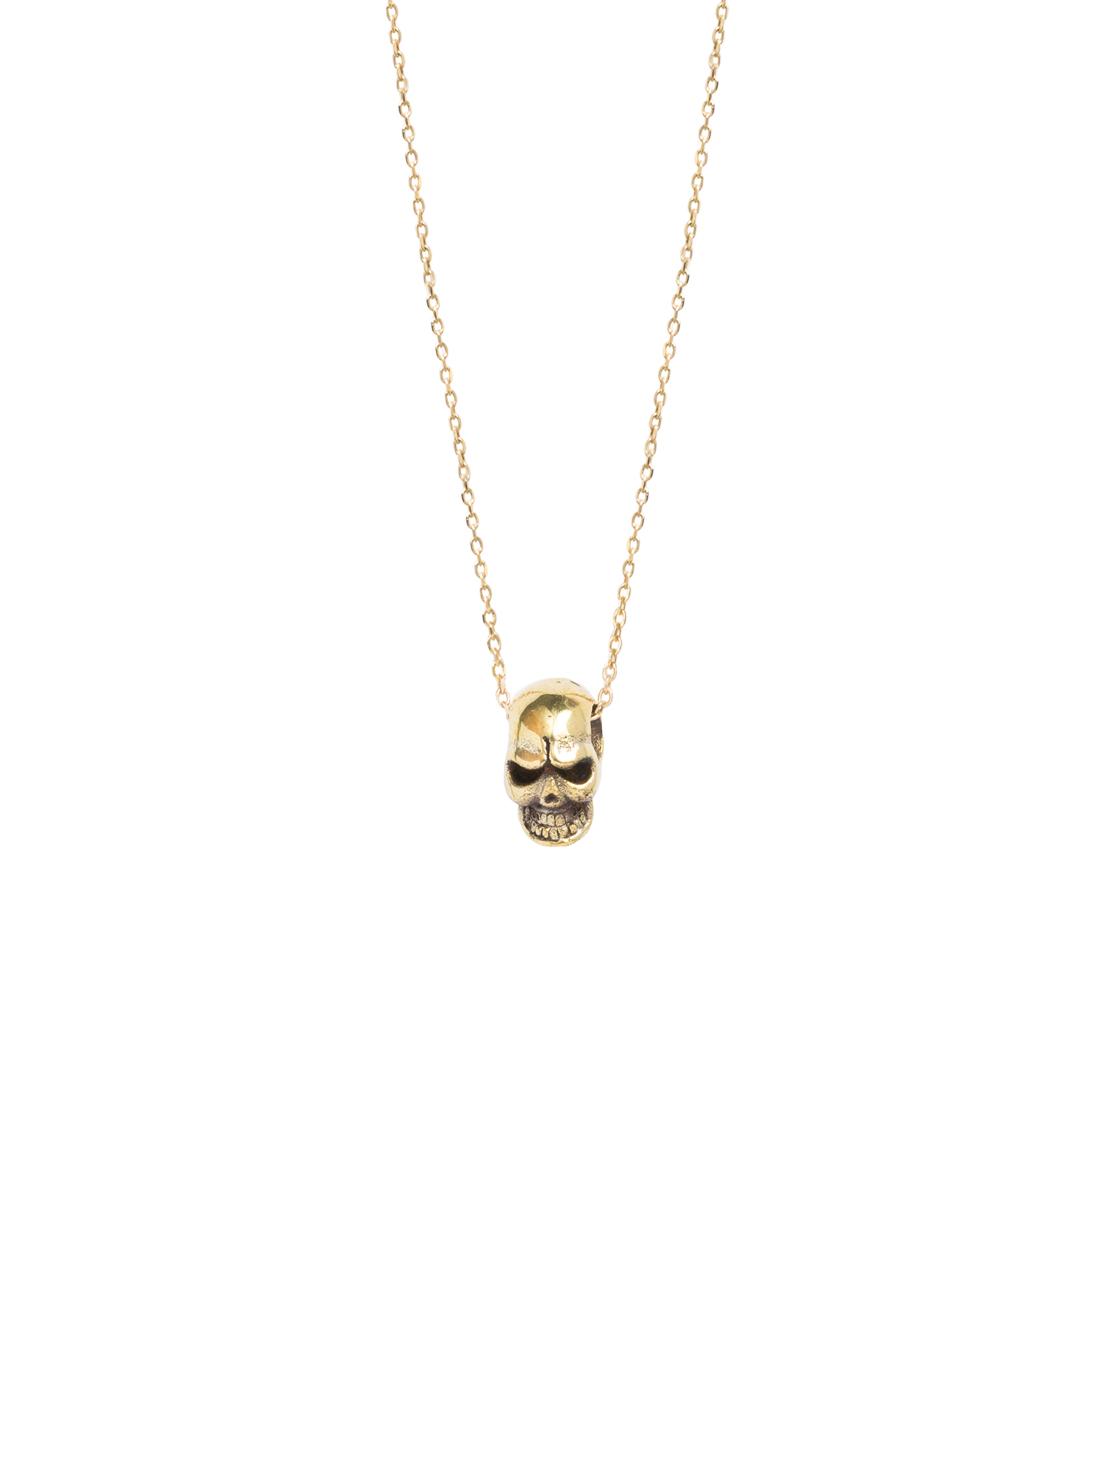 d6d2b382eee Gold Skull Necklace - Tilly Sveaas Jewellery